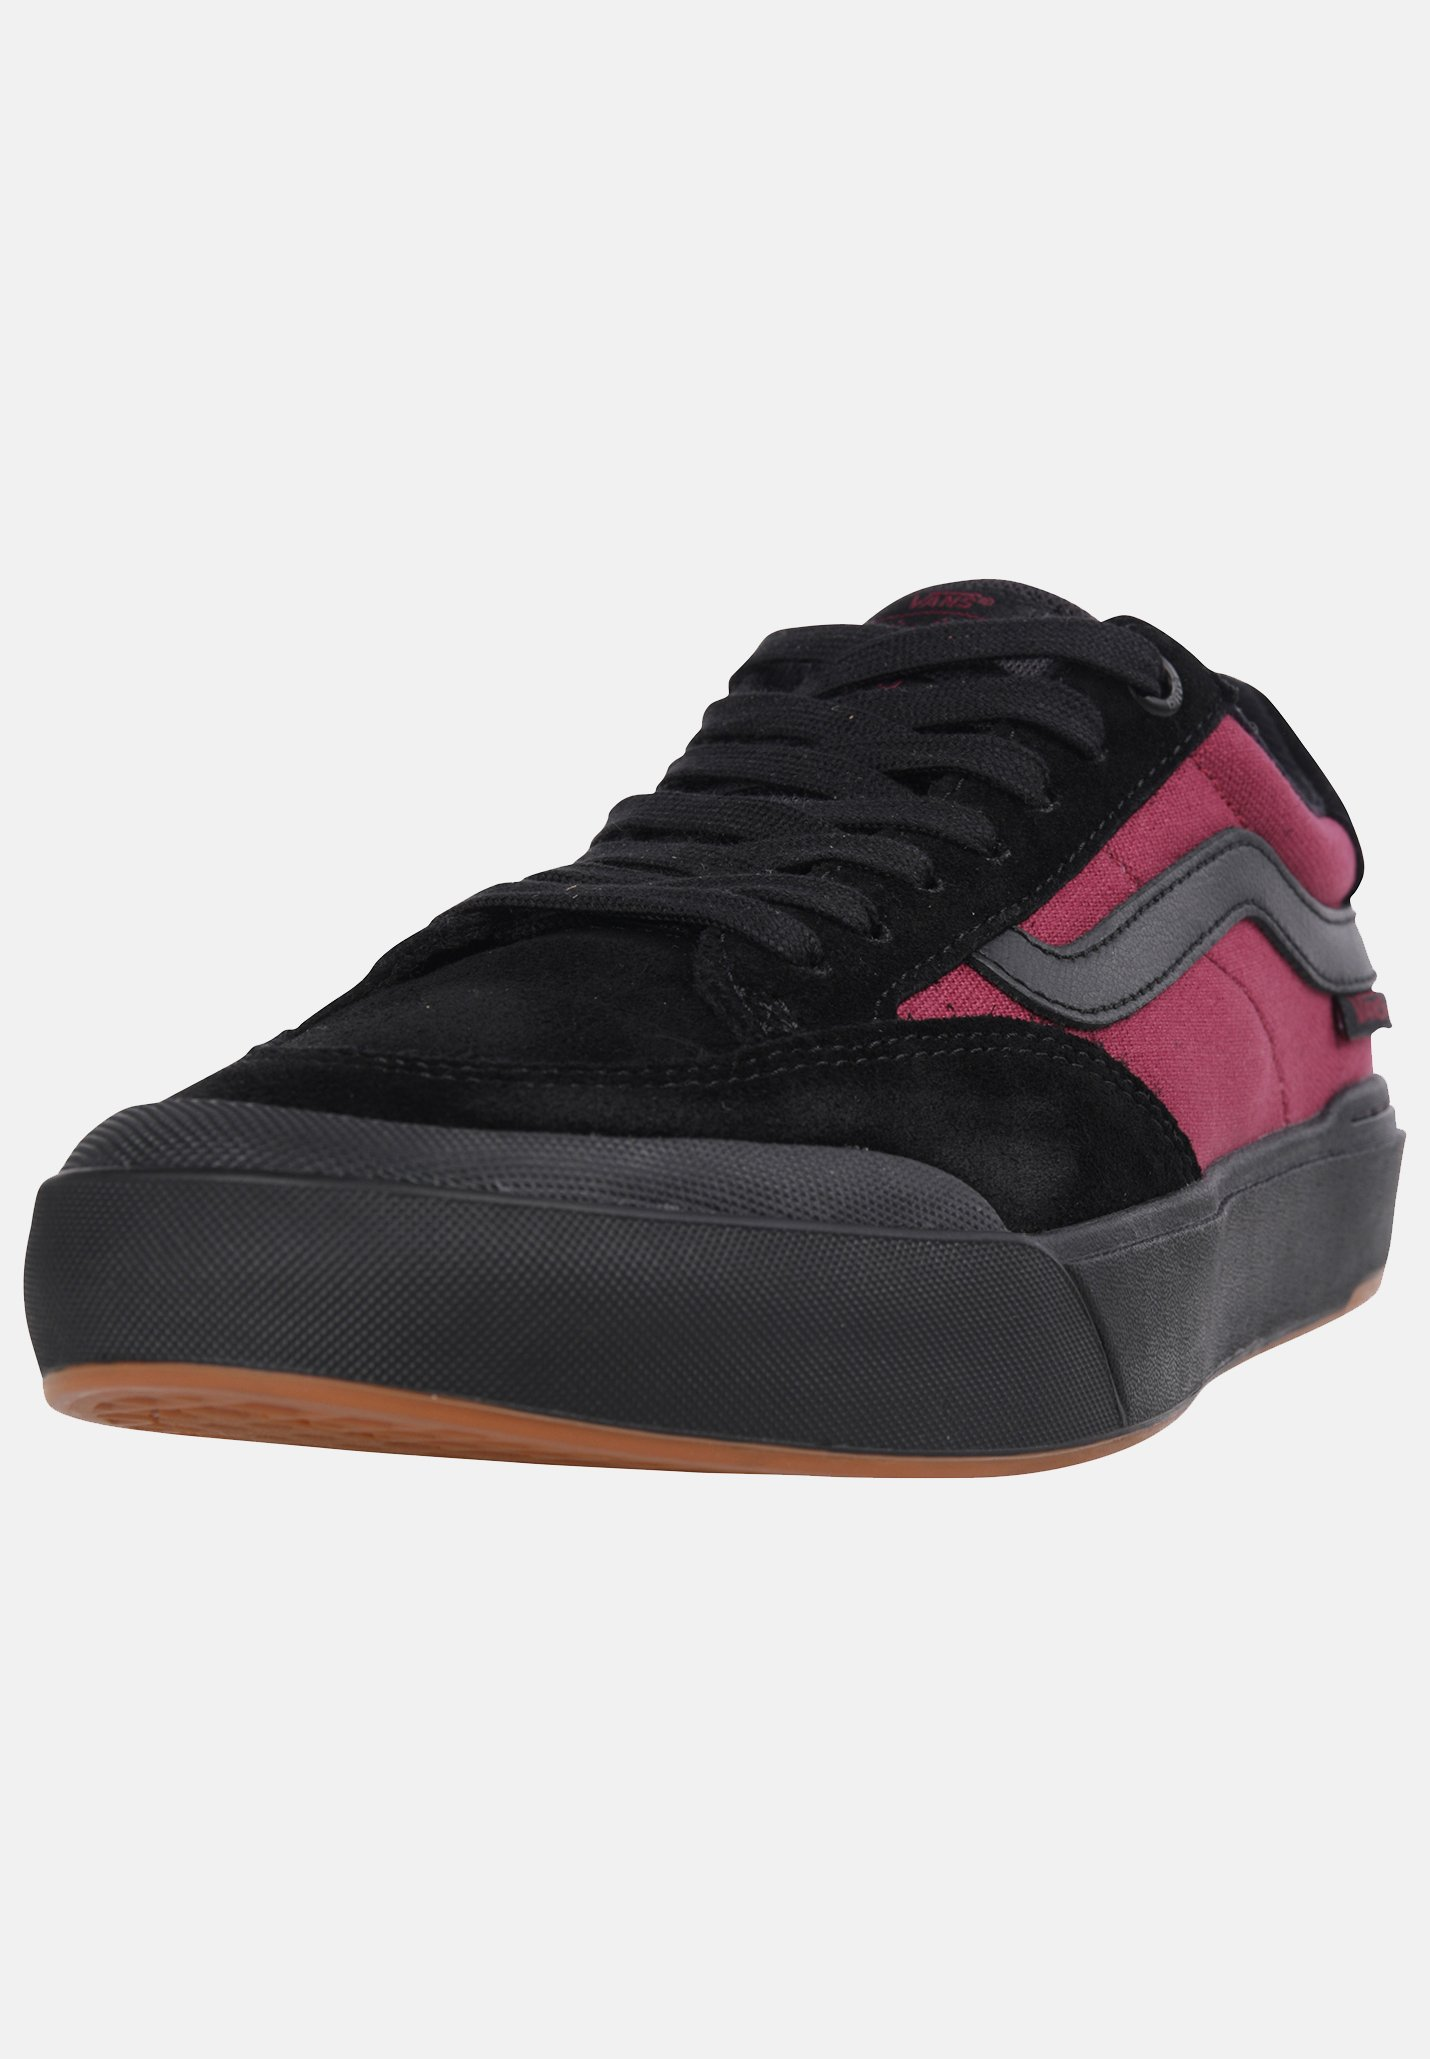 Vans Baskets basses black